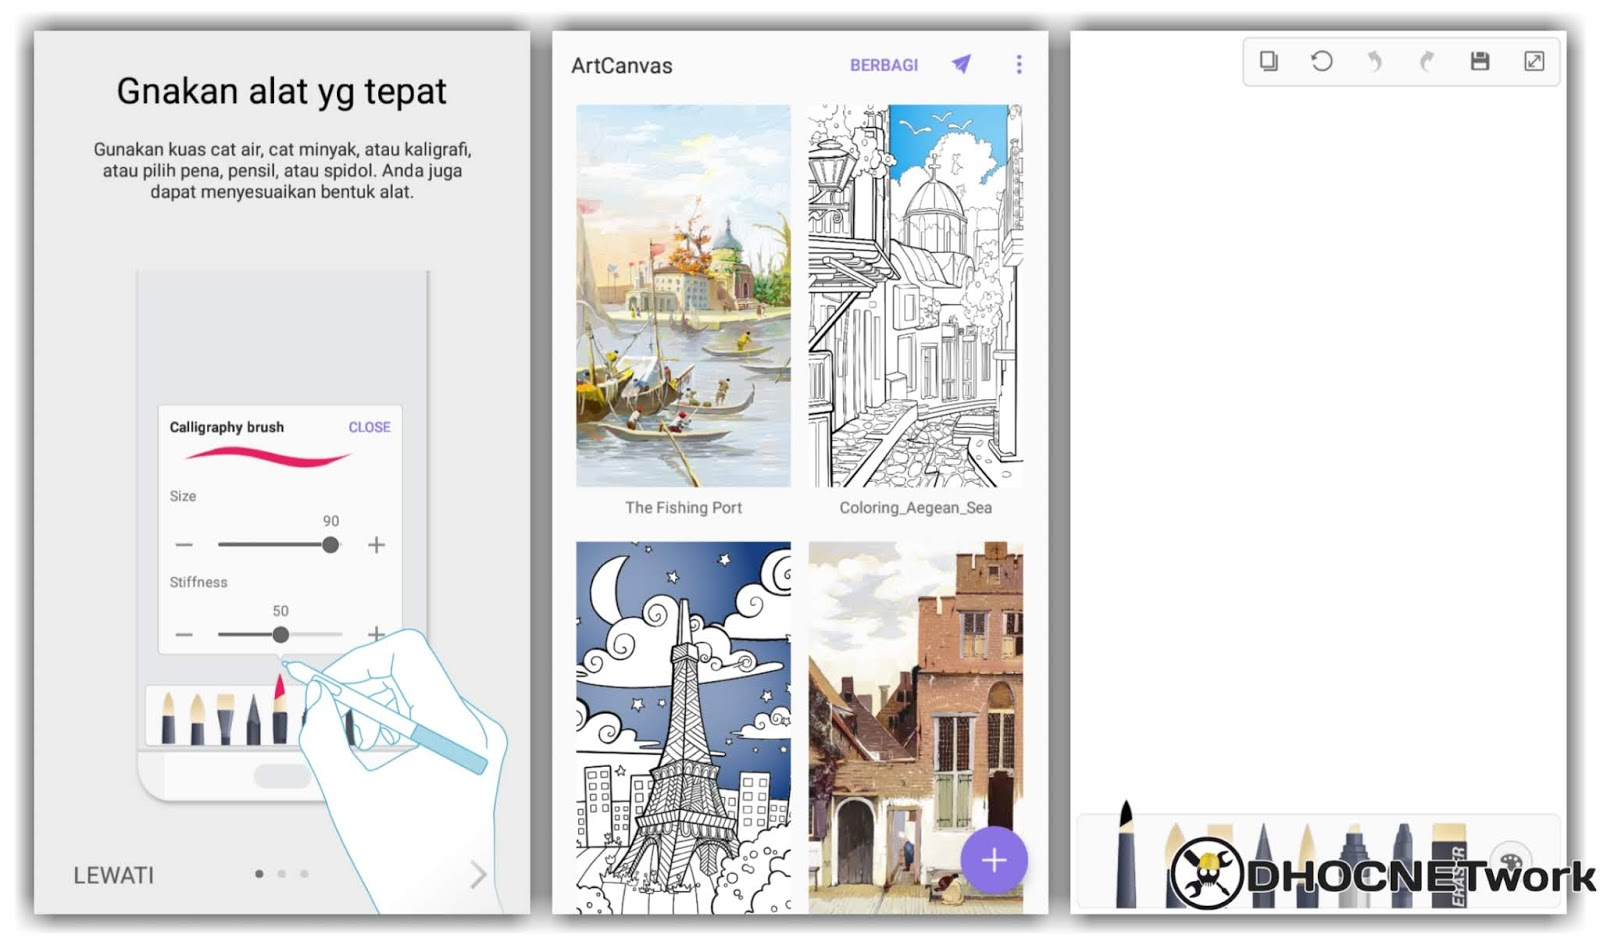 Art Canvas v.1.1.10 APK